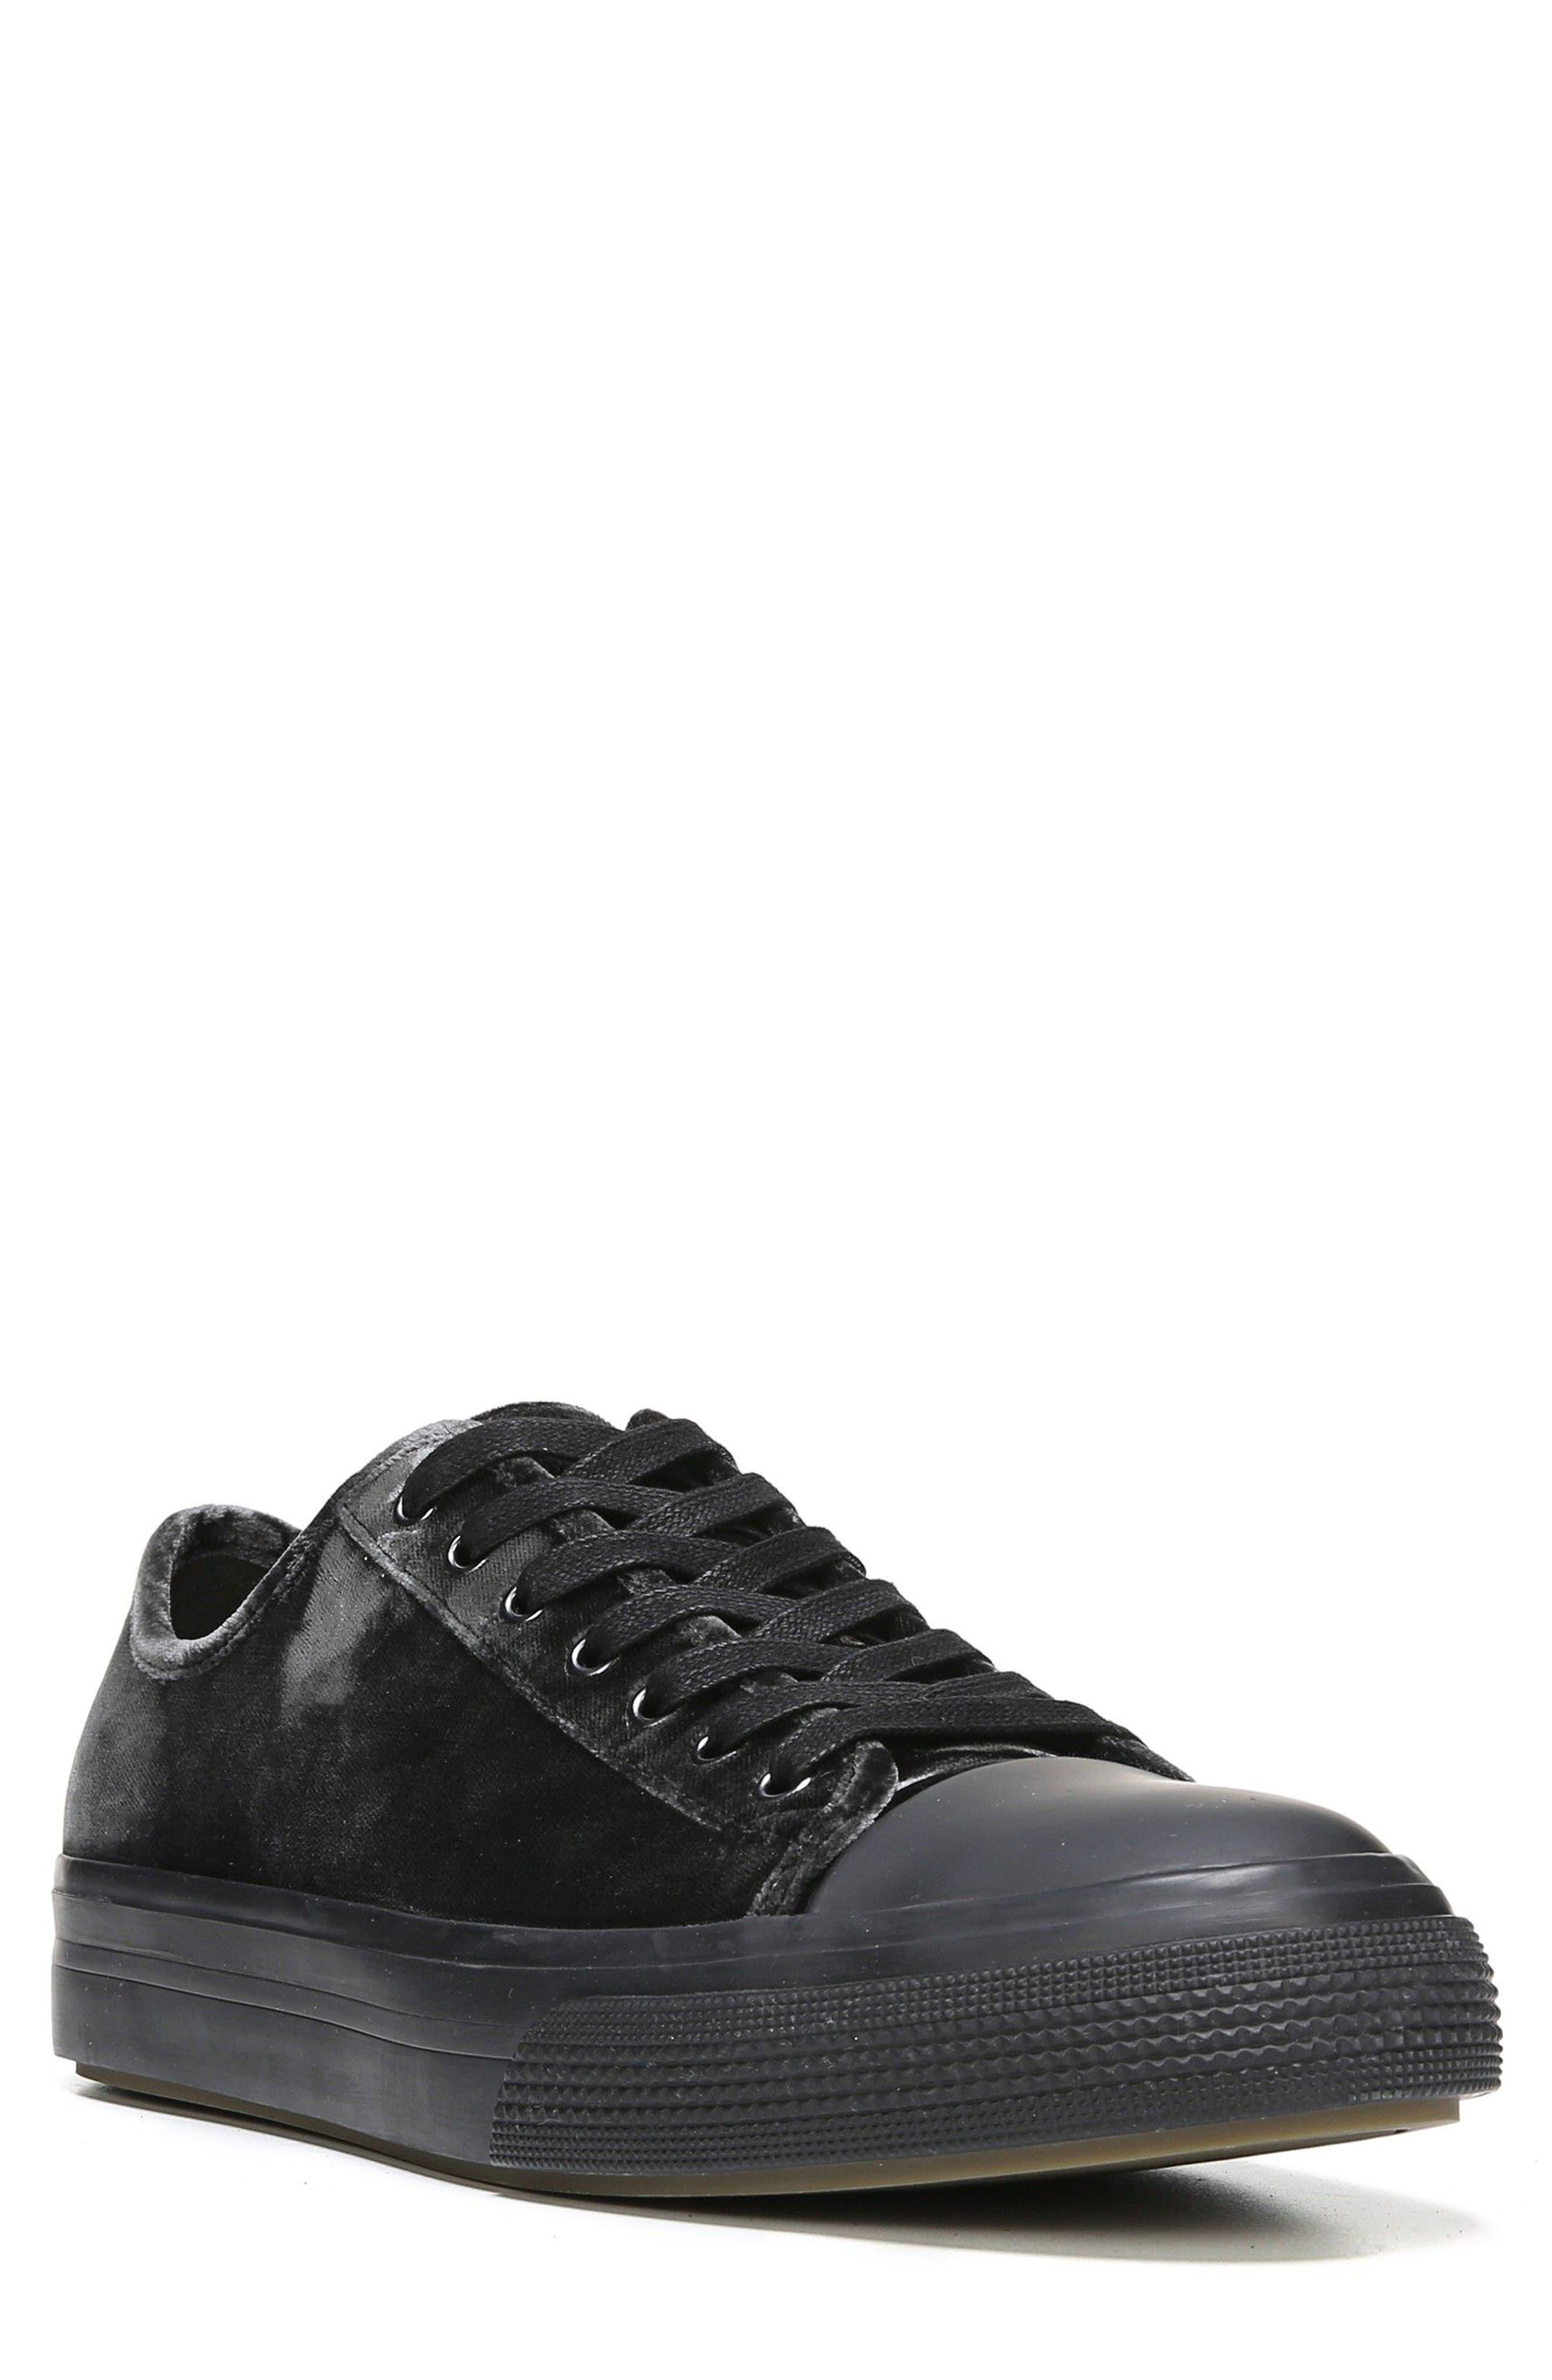 Tiller Sneaker,                             Main thumbnail 1, color,                             Graphite/ Black